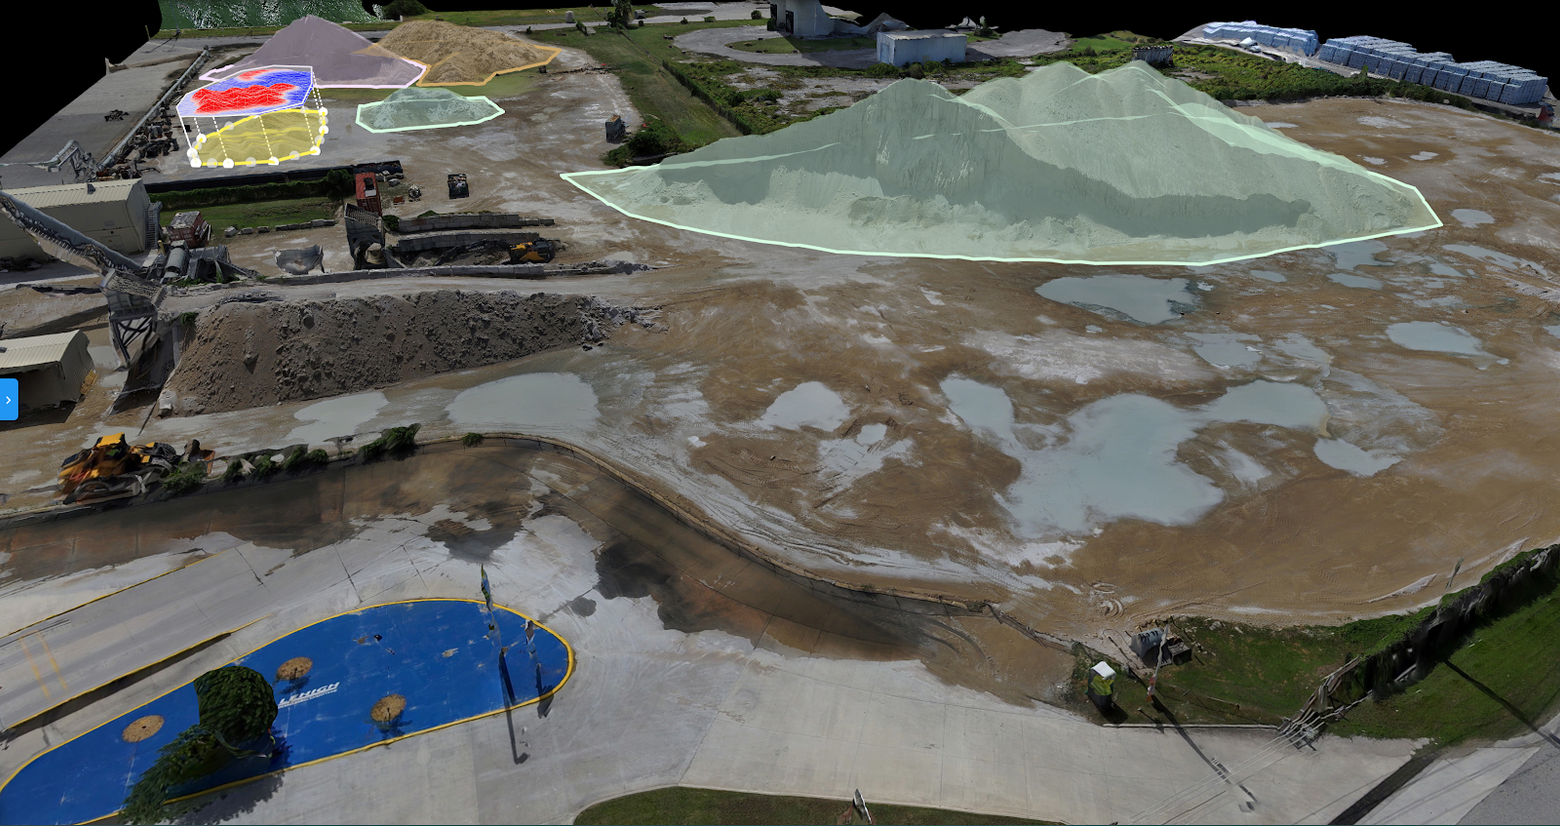 Aeronyde indoor mission with Skydio 2 drone